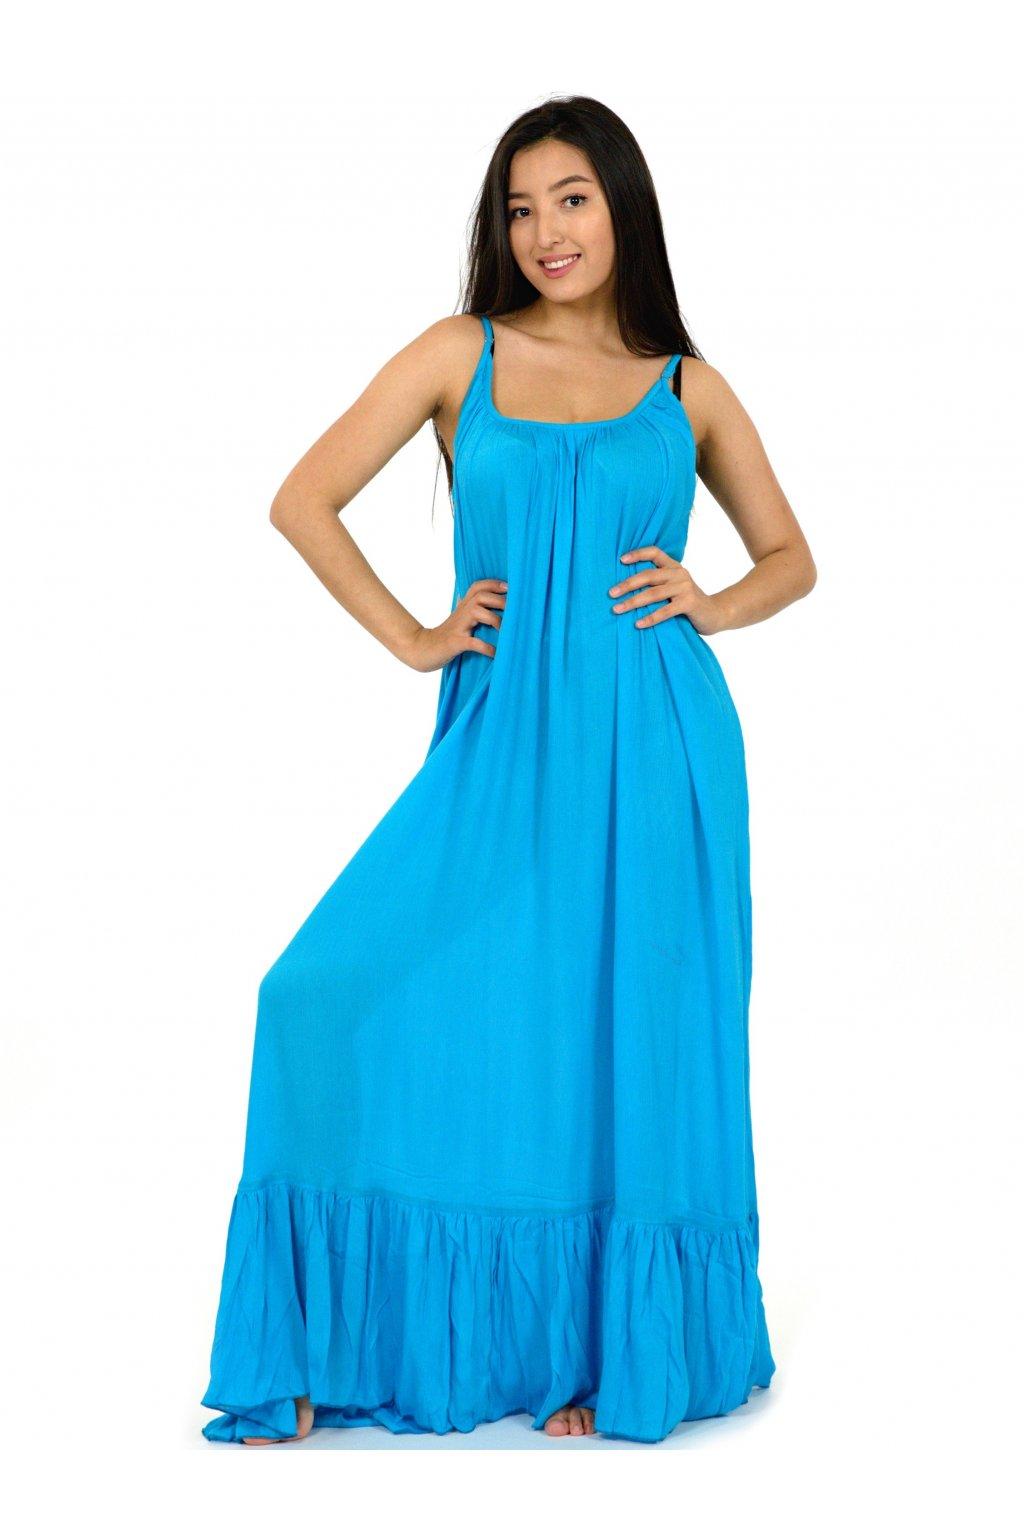 Vzdušné maxi šaty Mililani - tyrkysové